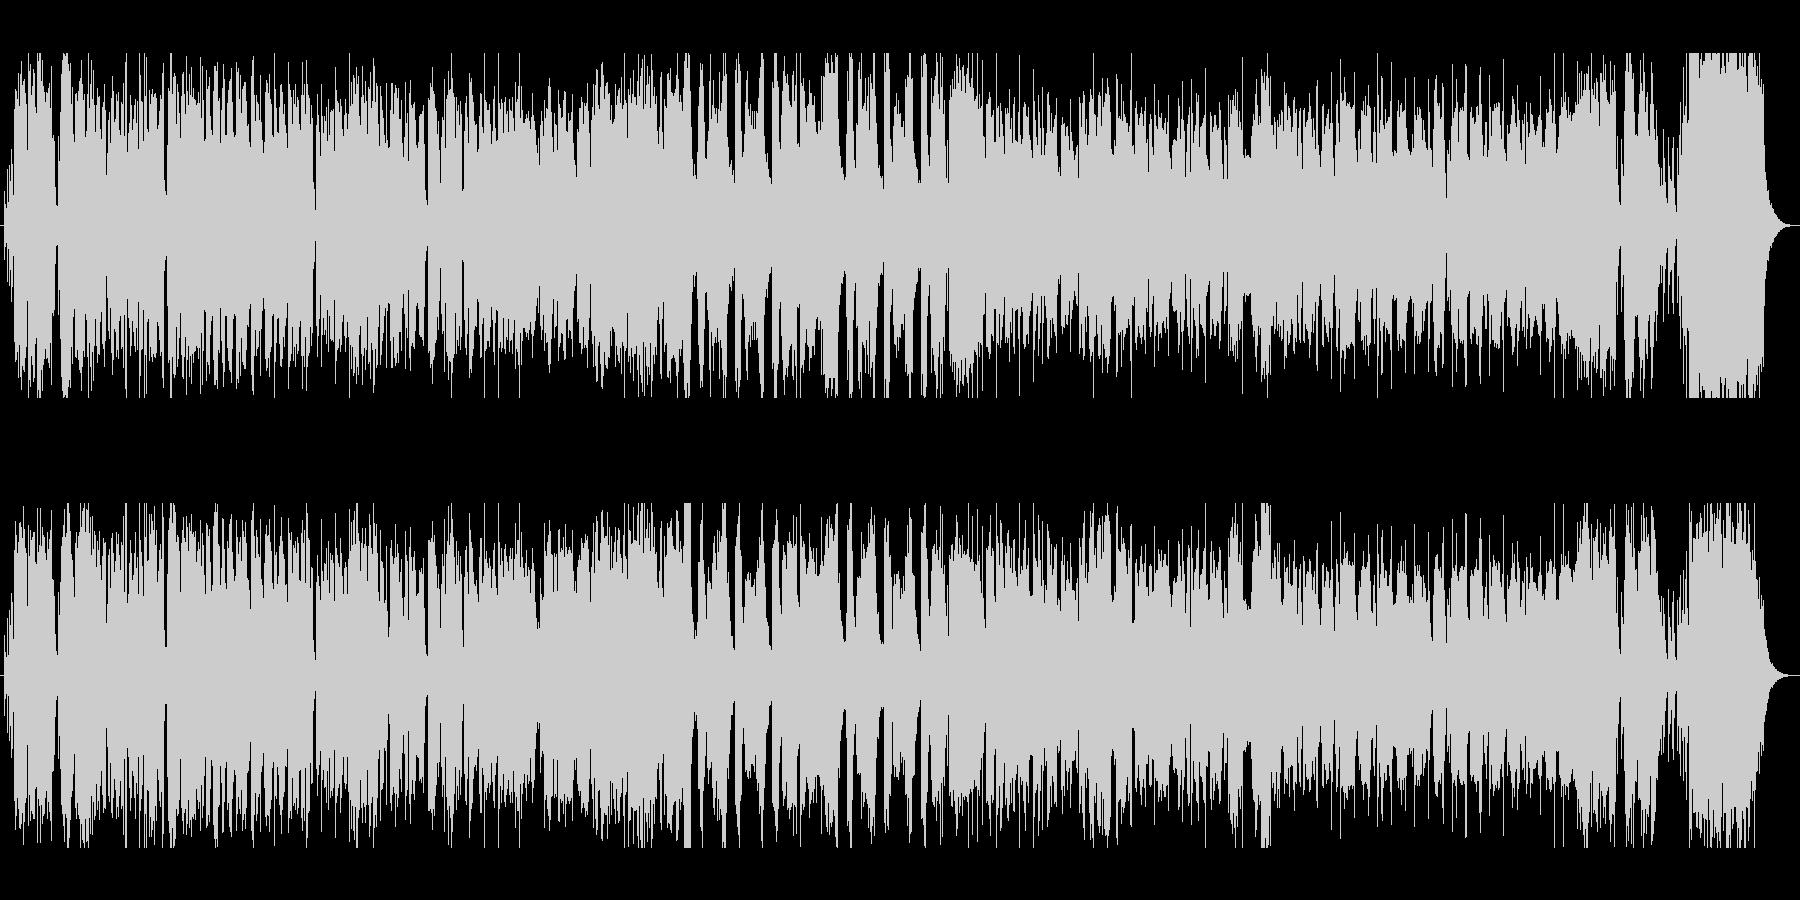 軽快で疾走感のあるジャズ風BGMの未再生の波形